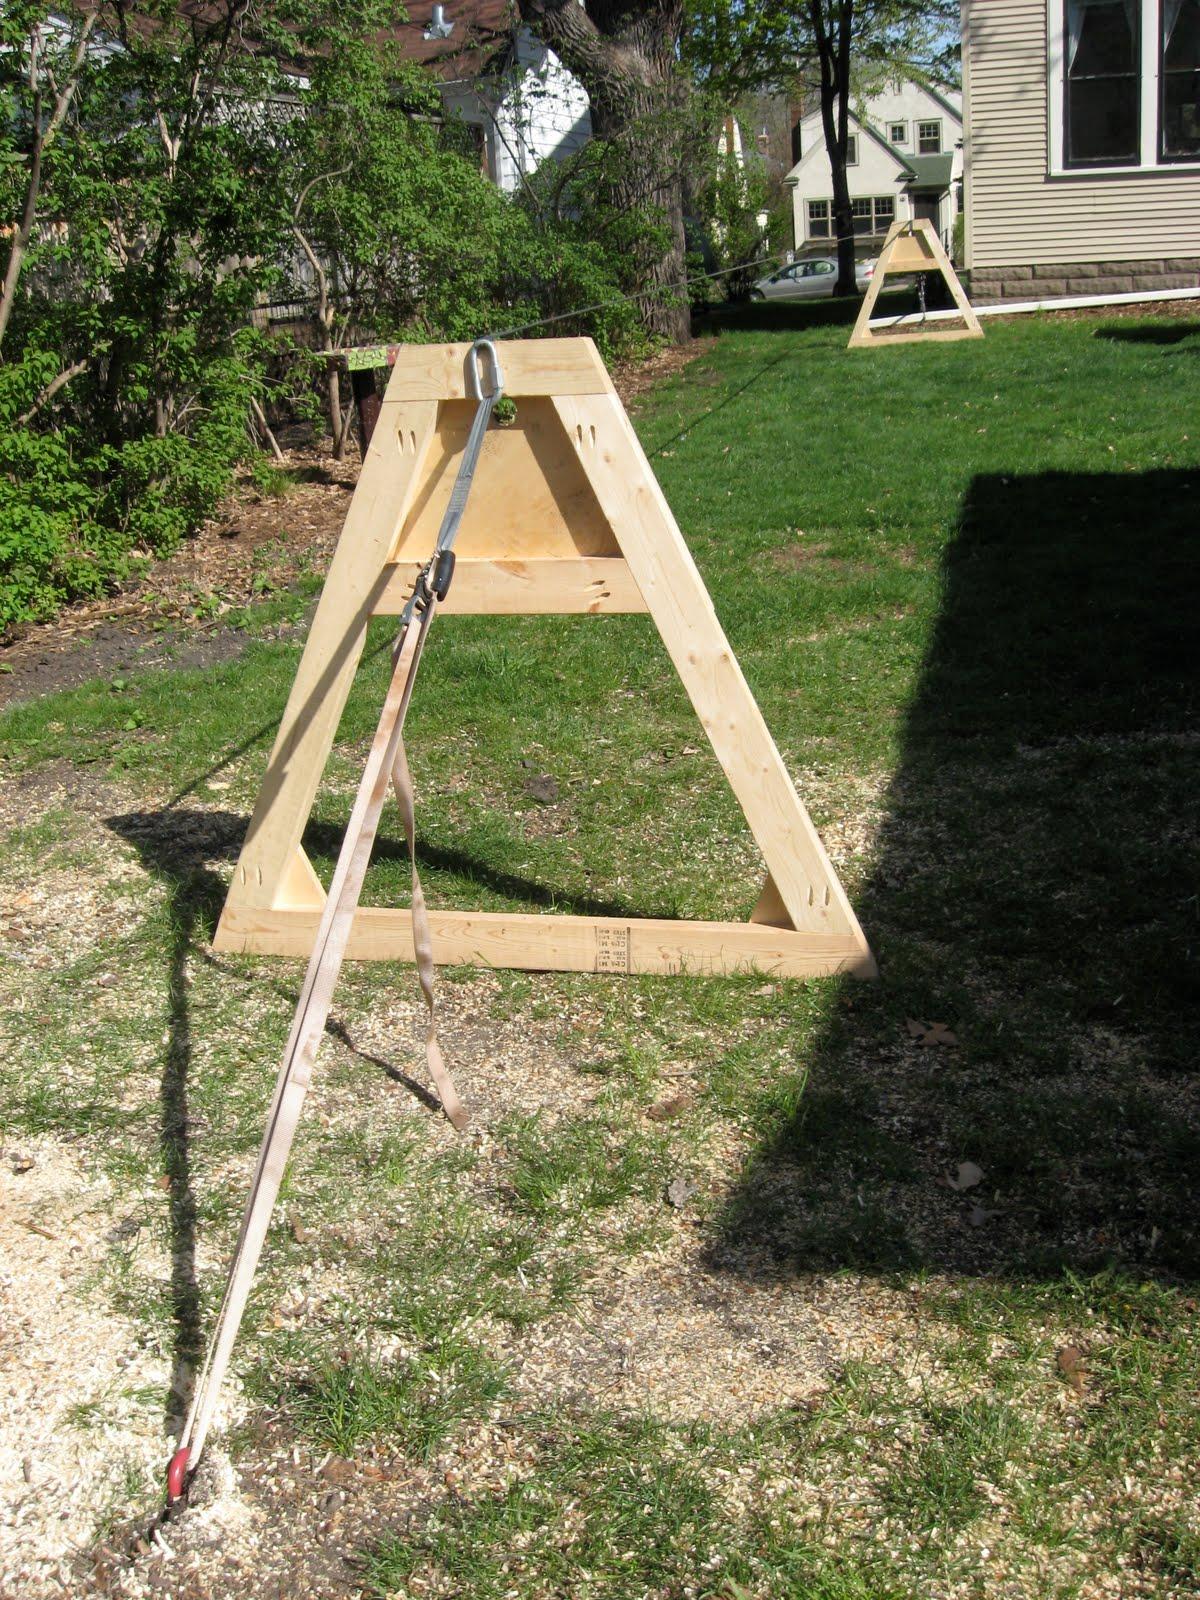 Chateau Fortineux: Slackline Setup with A-Frames